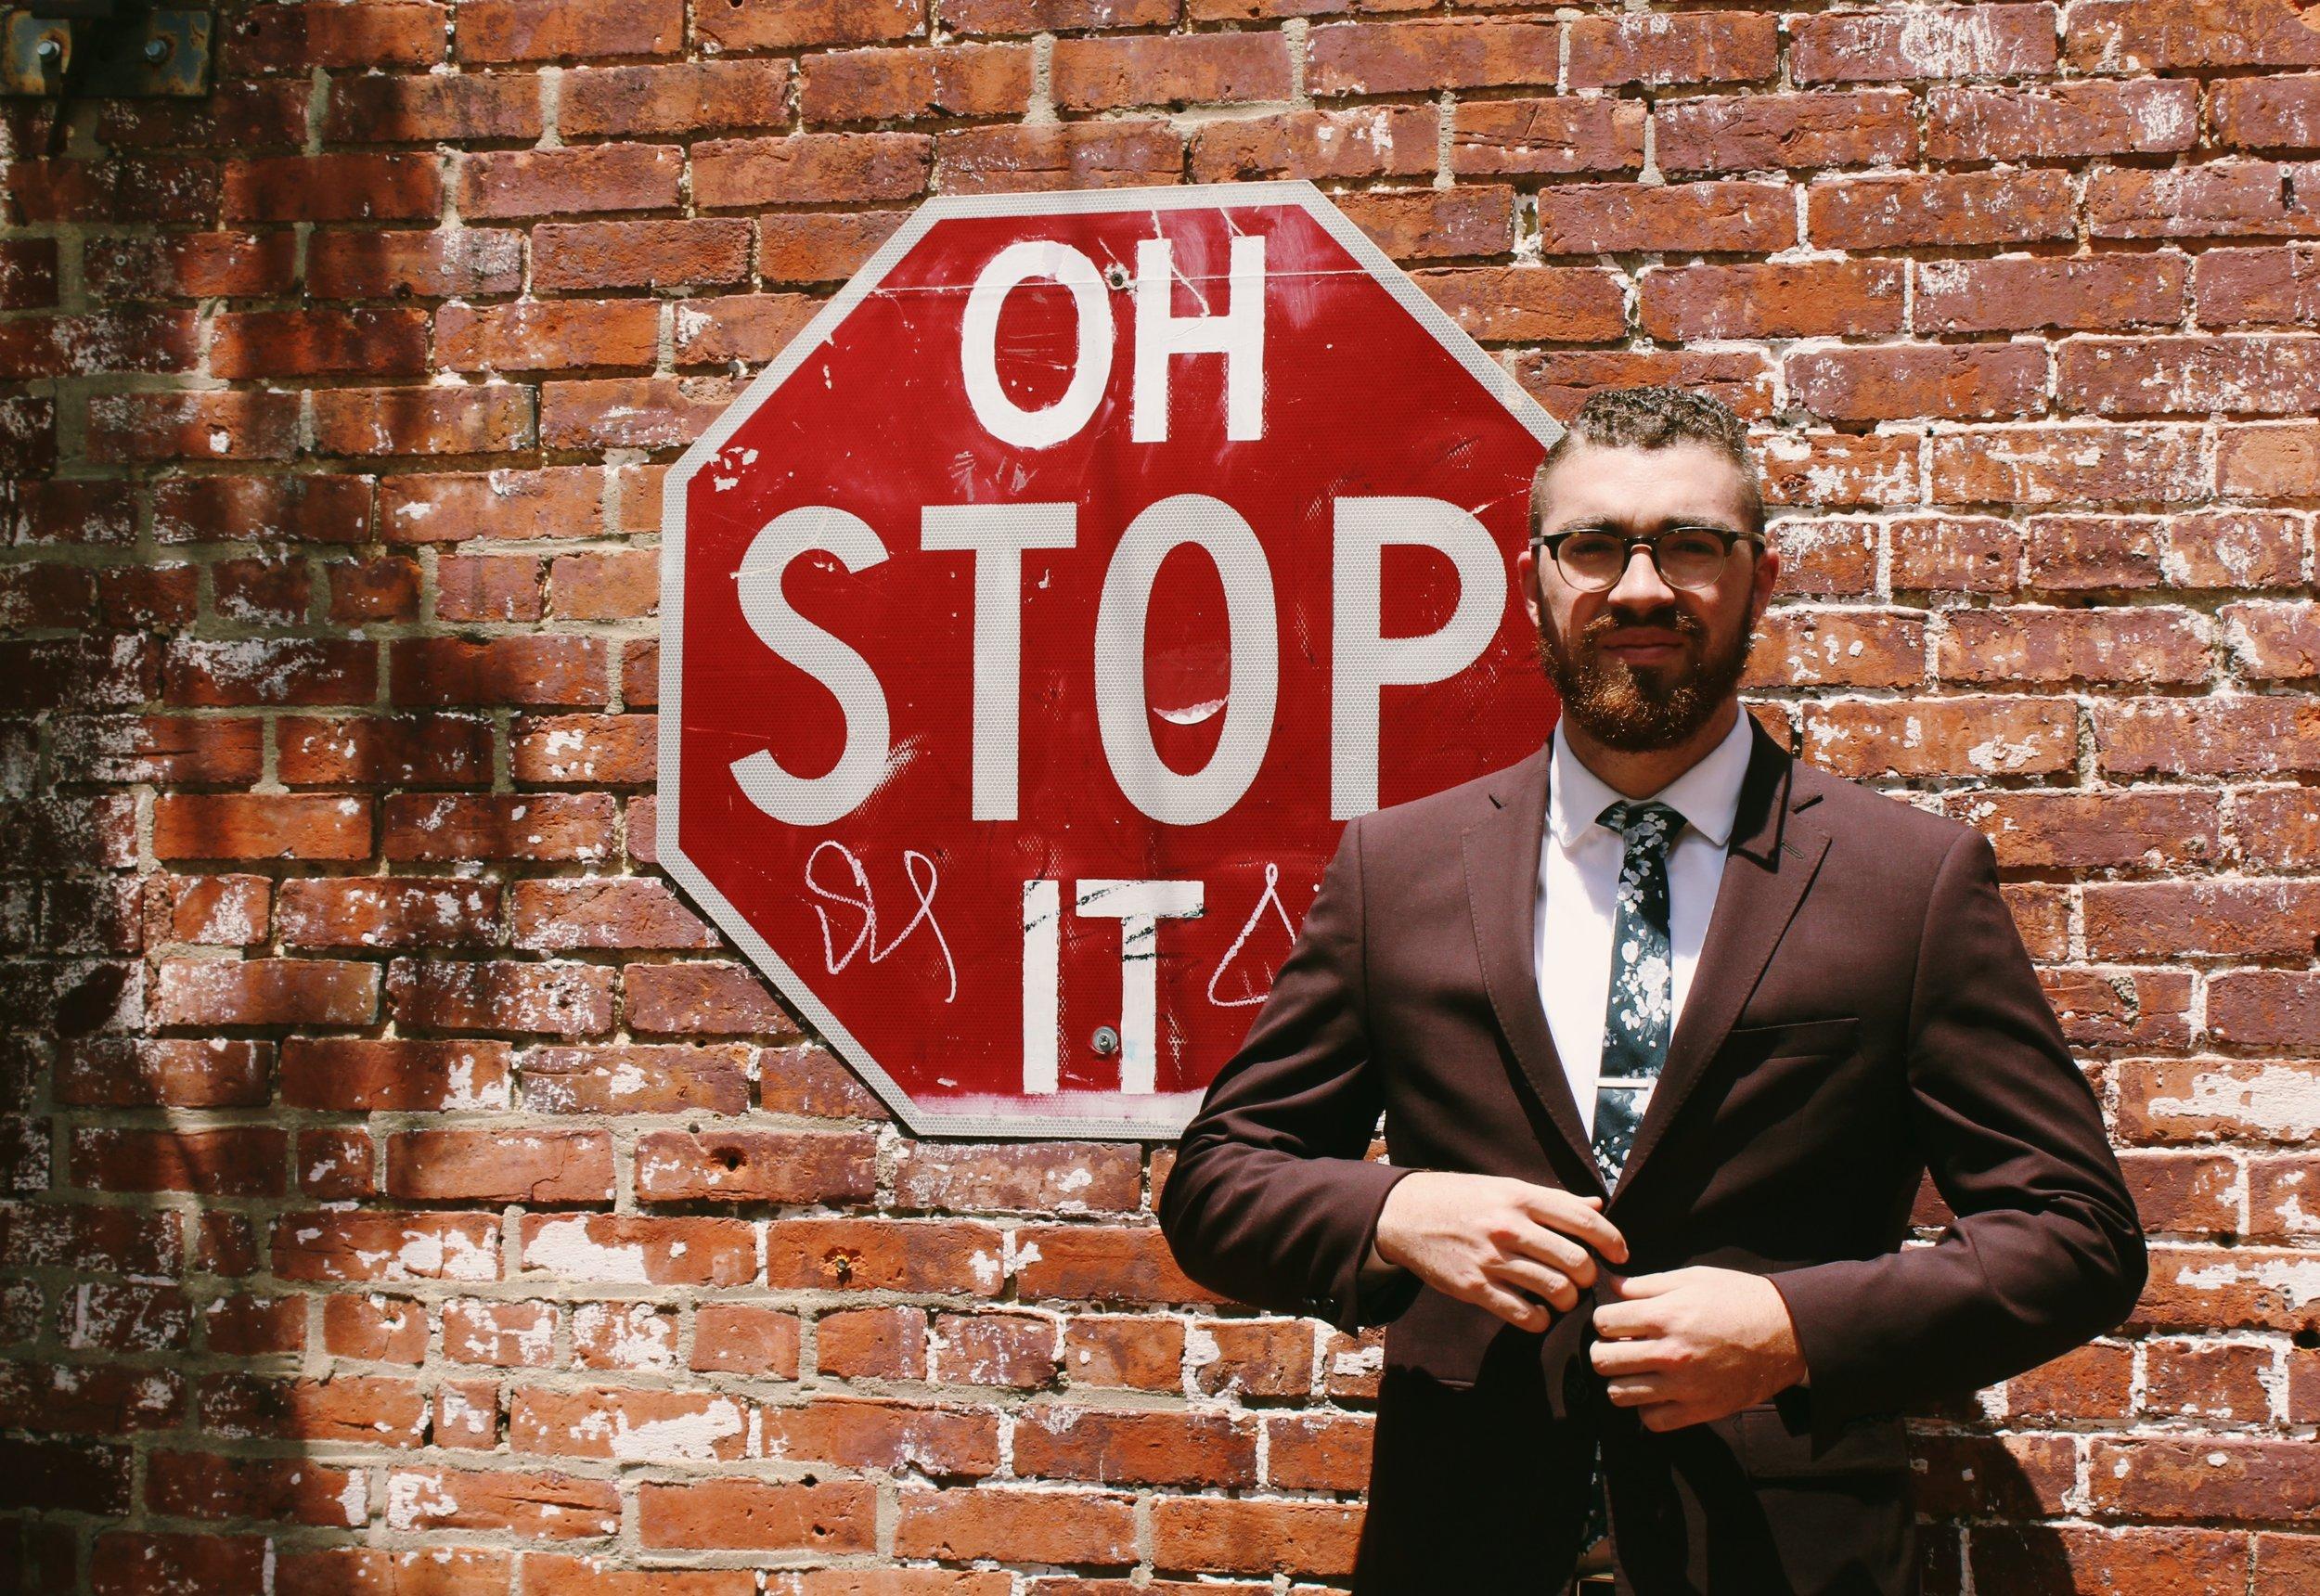 Photo by  Brock DuPont on  Unsplash